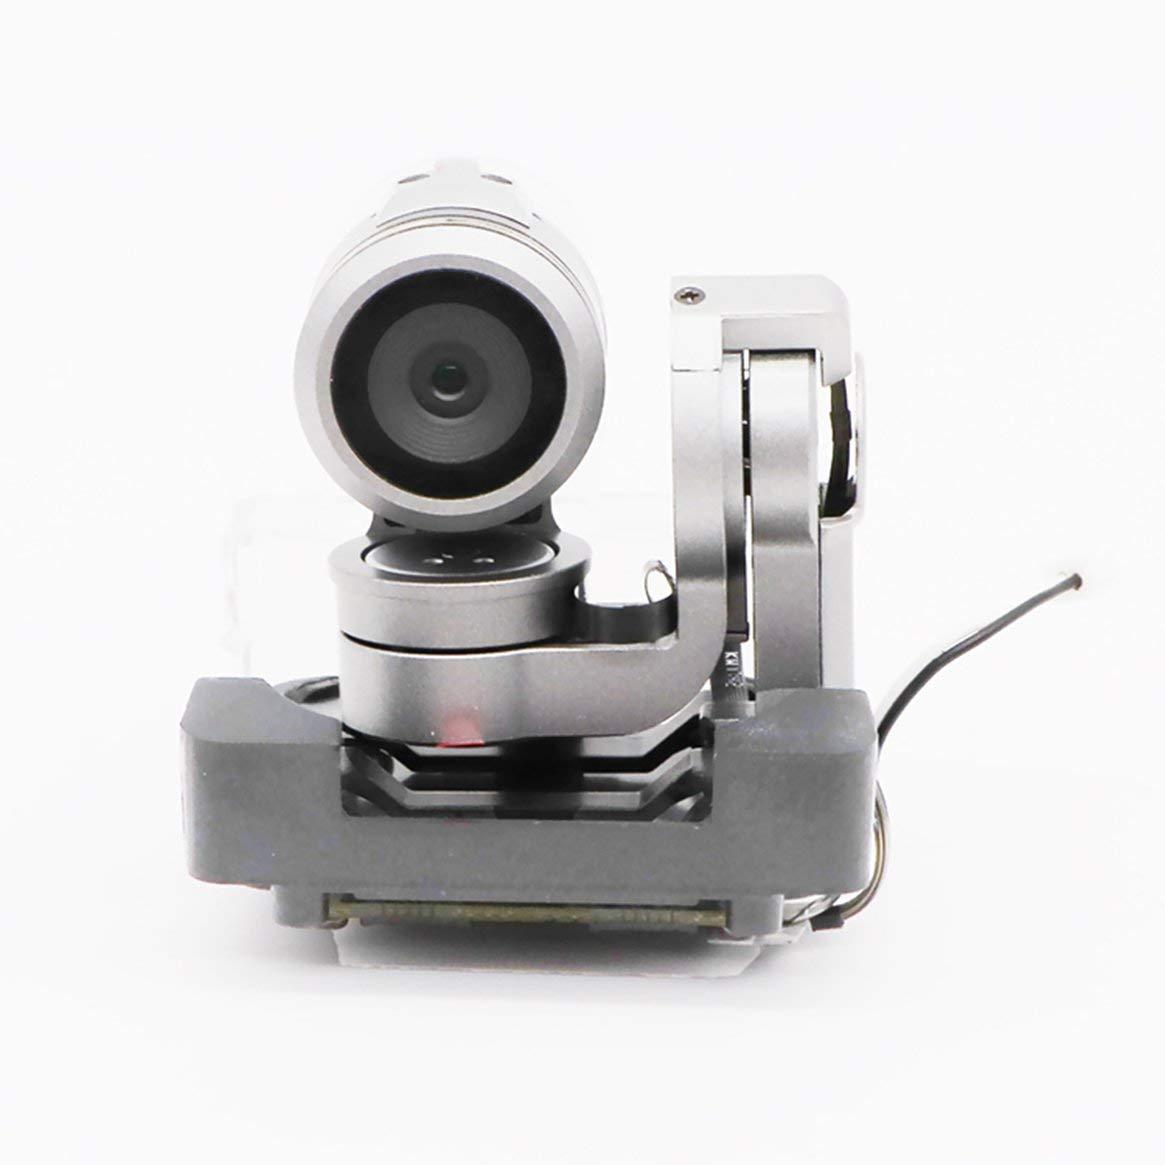 Delicacydex Drohne Gimbal Kamera mit Board für DJI Mavic Pro Ersatz Ersatzteile Video RC Cam Original Drohne Zubehör - Silber & Schwarz